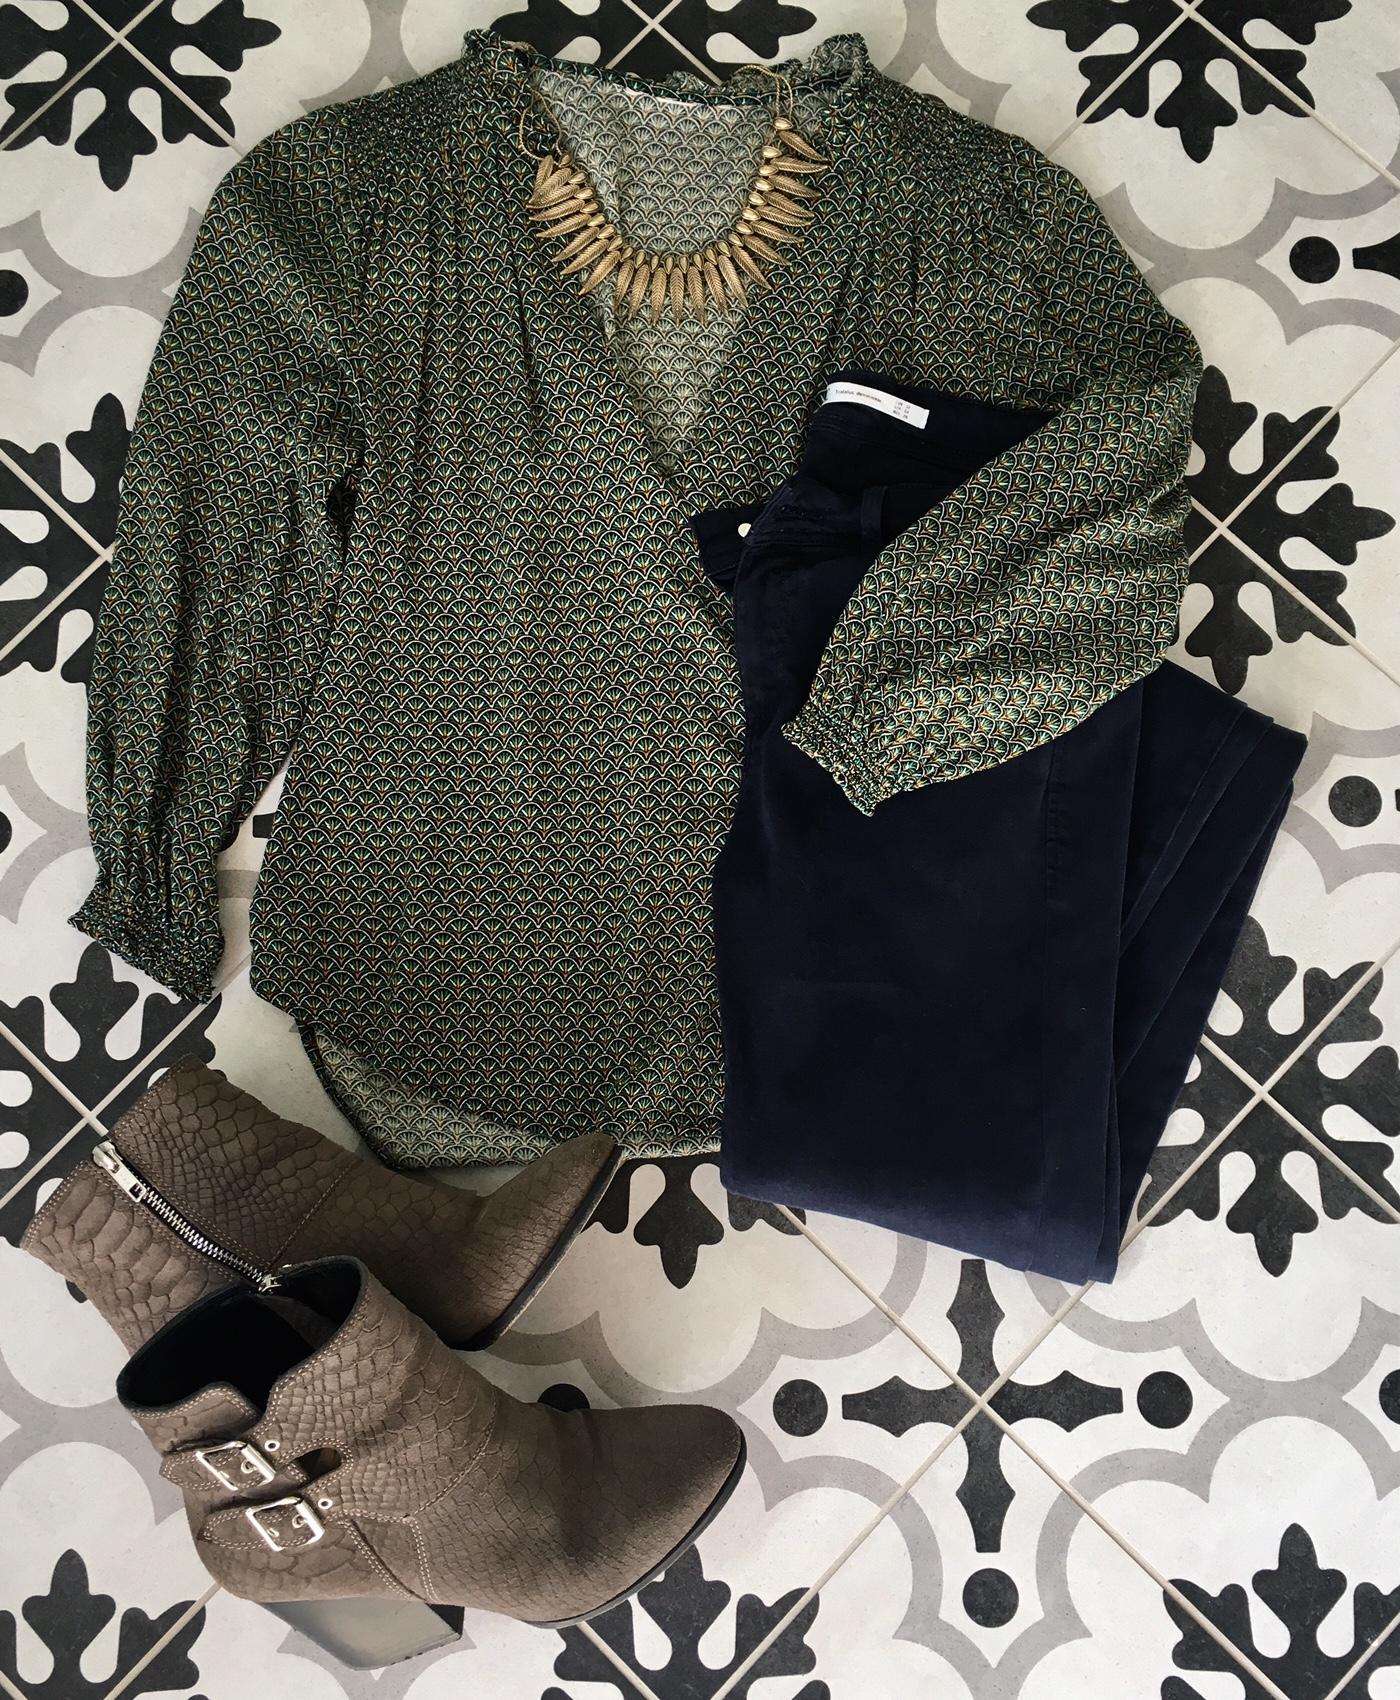 Blouse imprimée verte H M, Skinny bleu marine Zara, Boots taupes The  Kooples, Collier bronze origine oubliée! 7298cbc002e